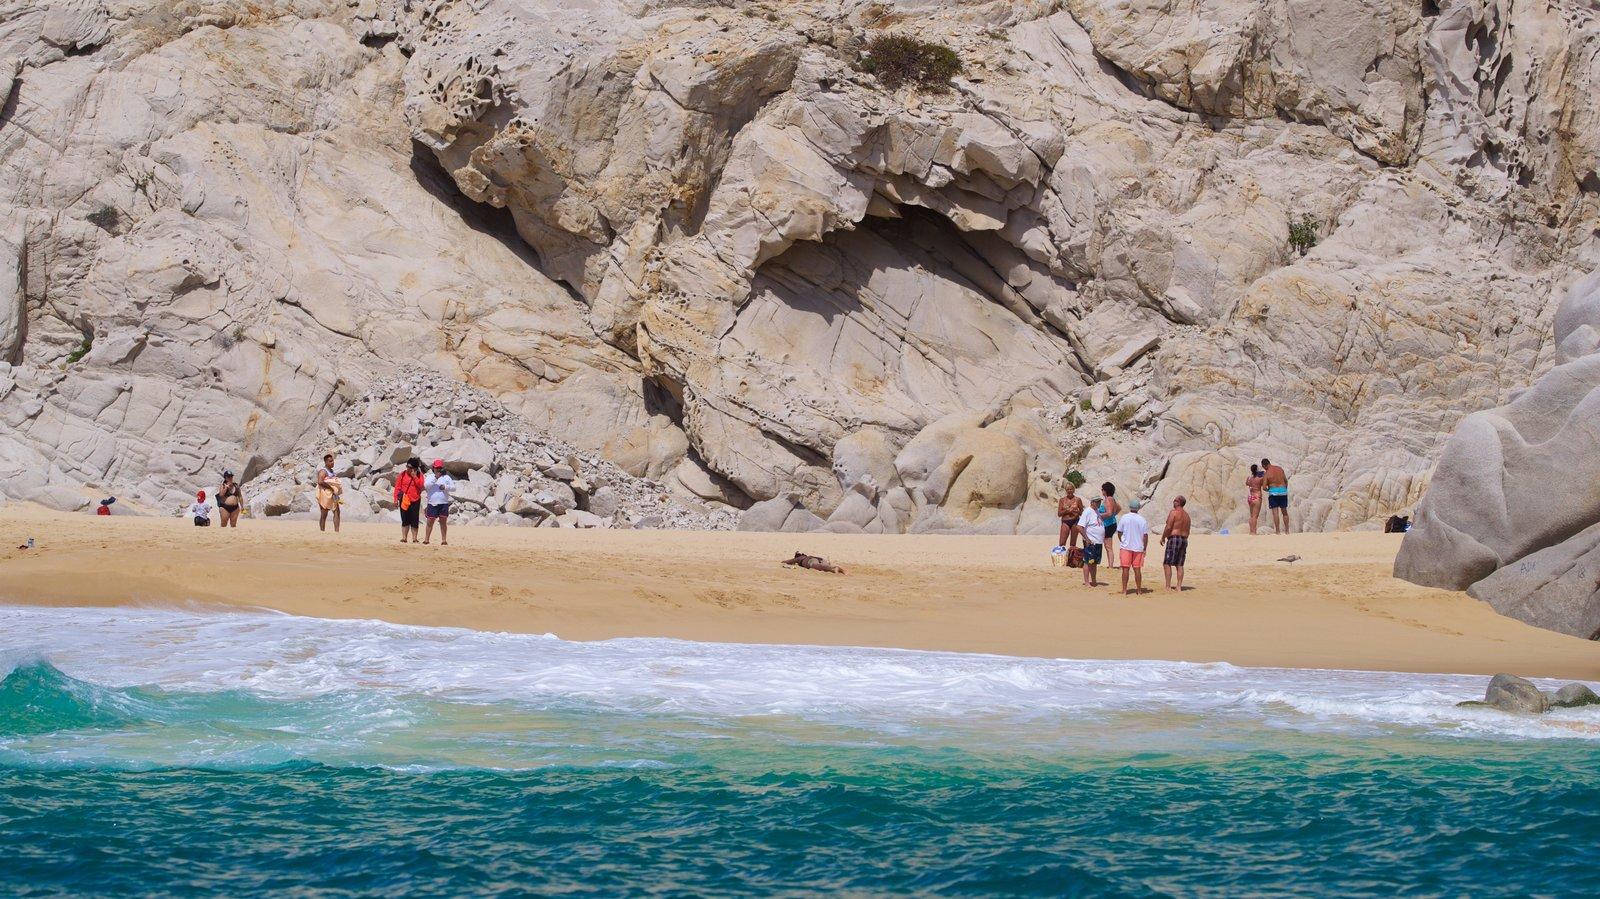 Playa Divorce que incluye una playa de arena, costa escarpada y vistas generales de la costa